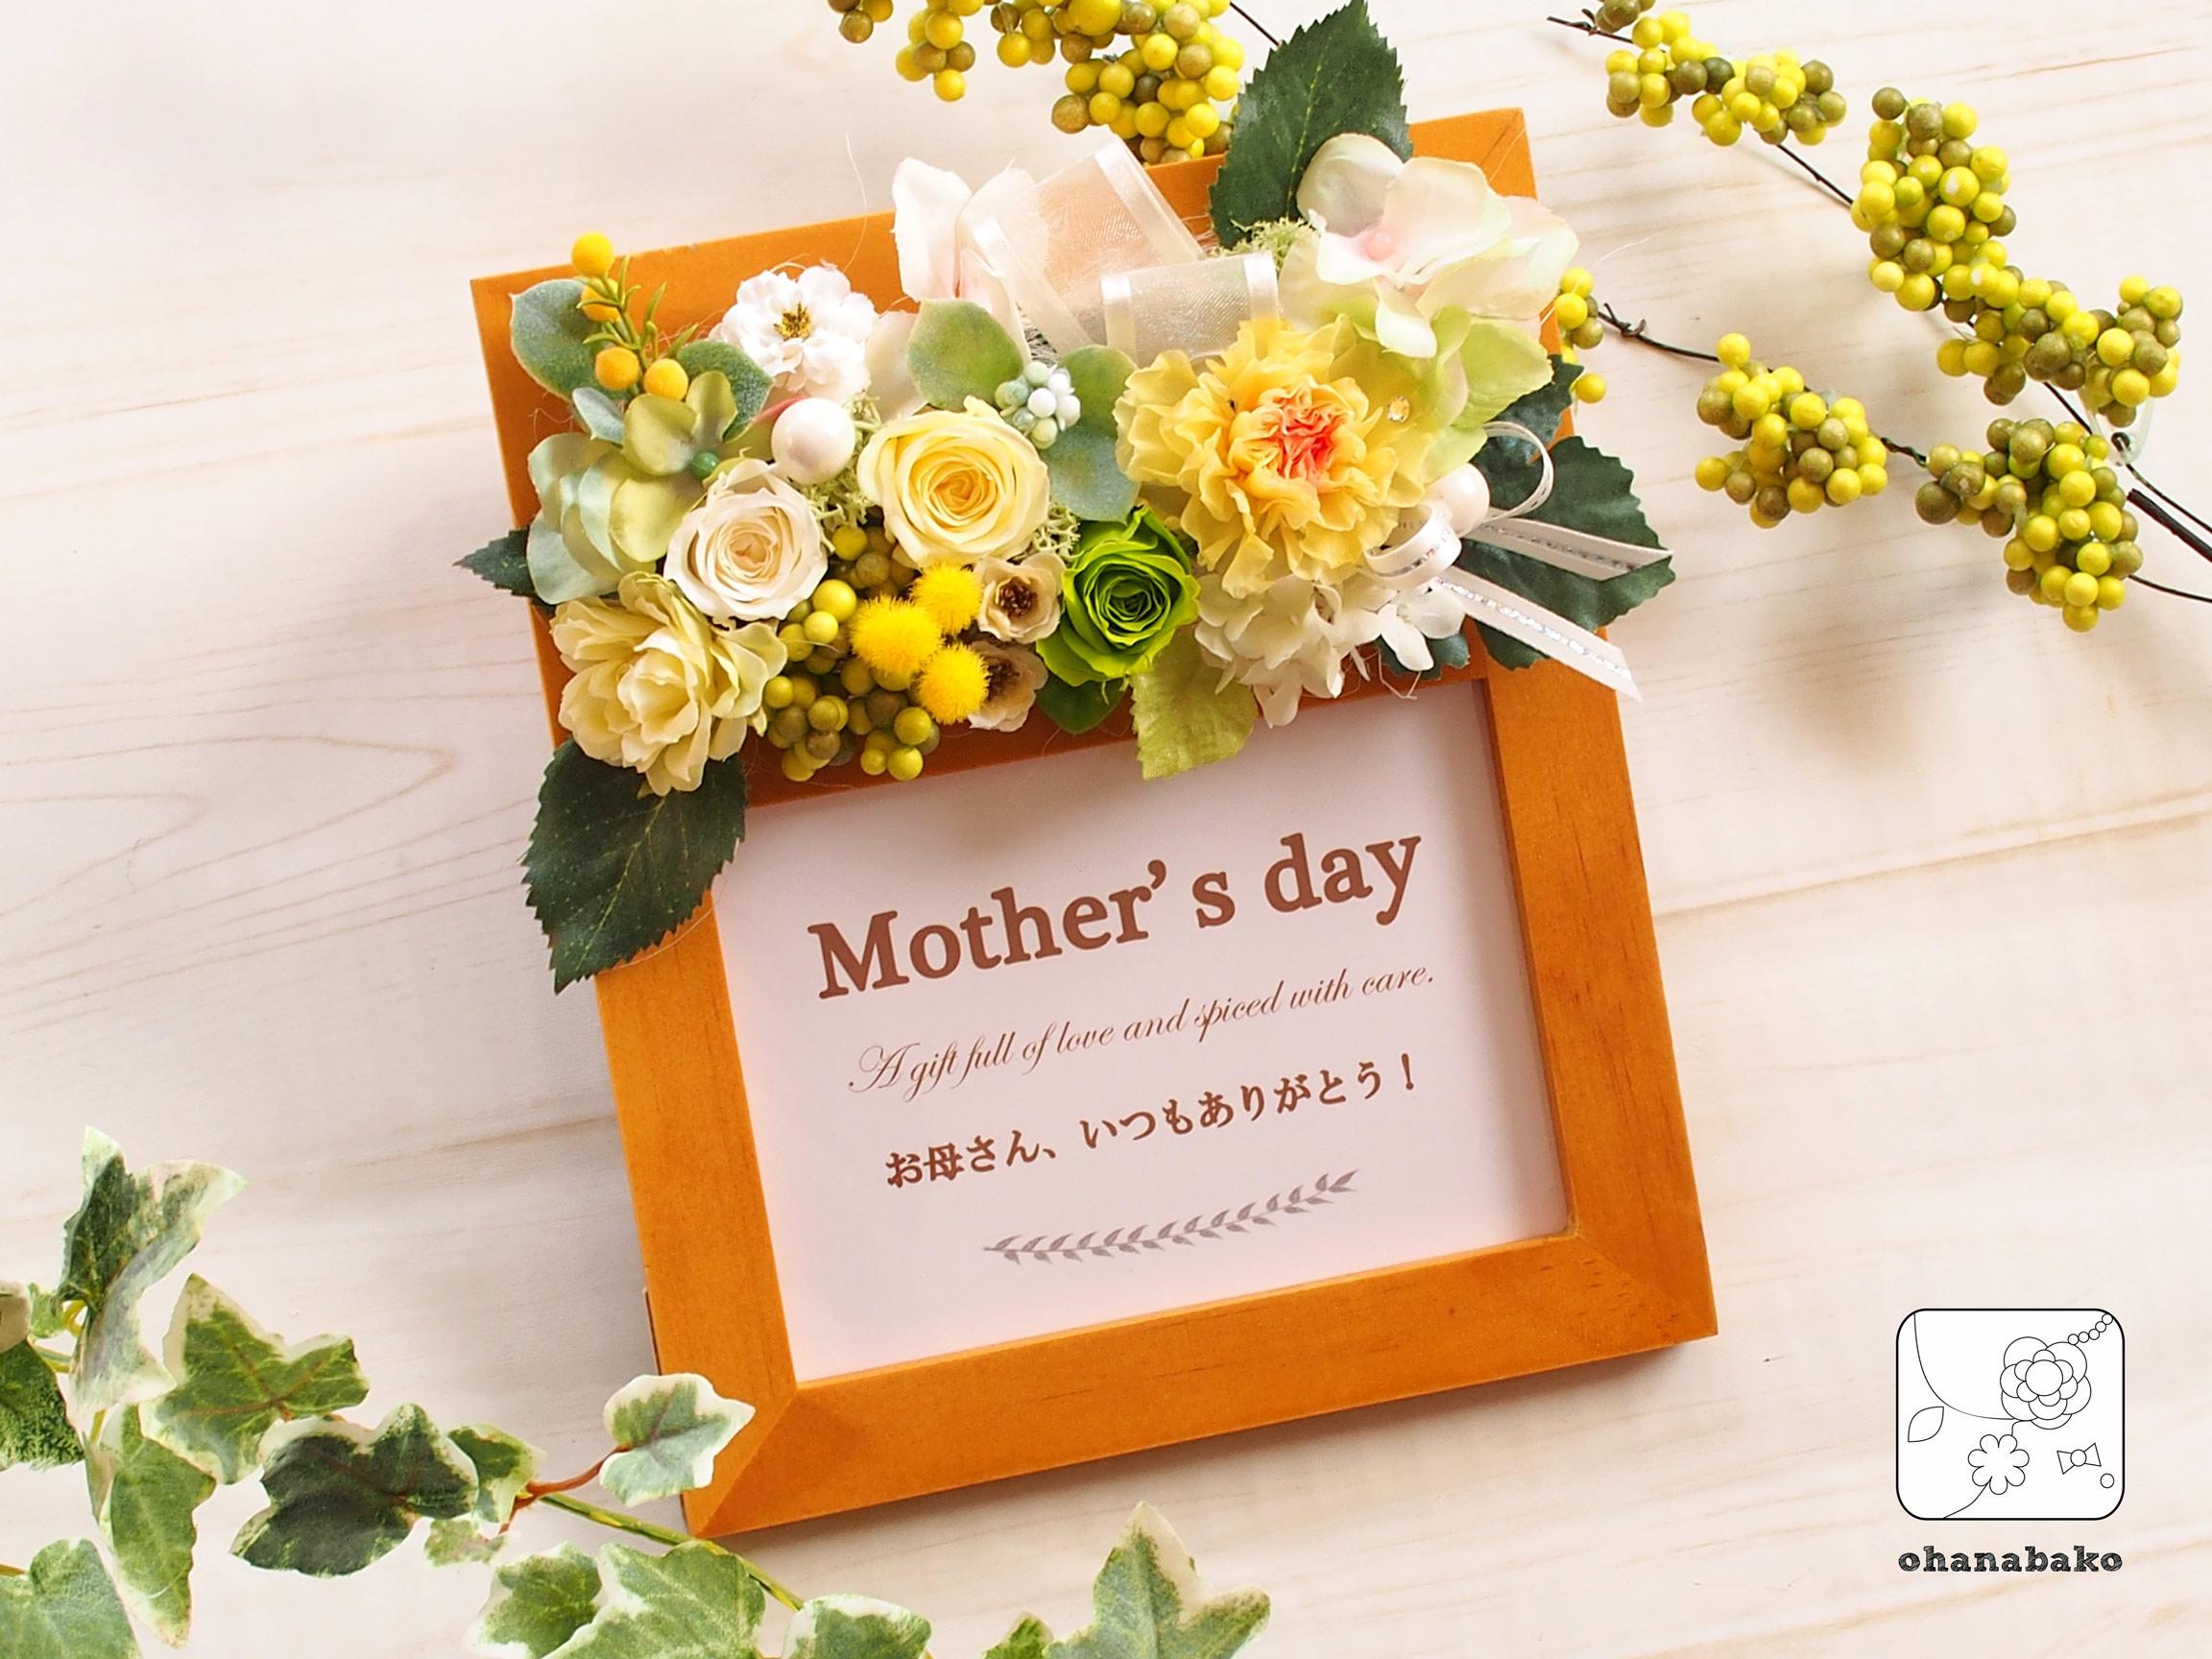 祝い メッセージ カード 結婚